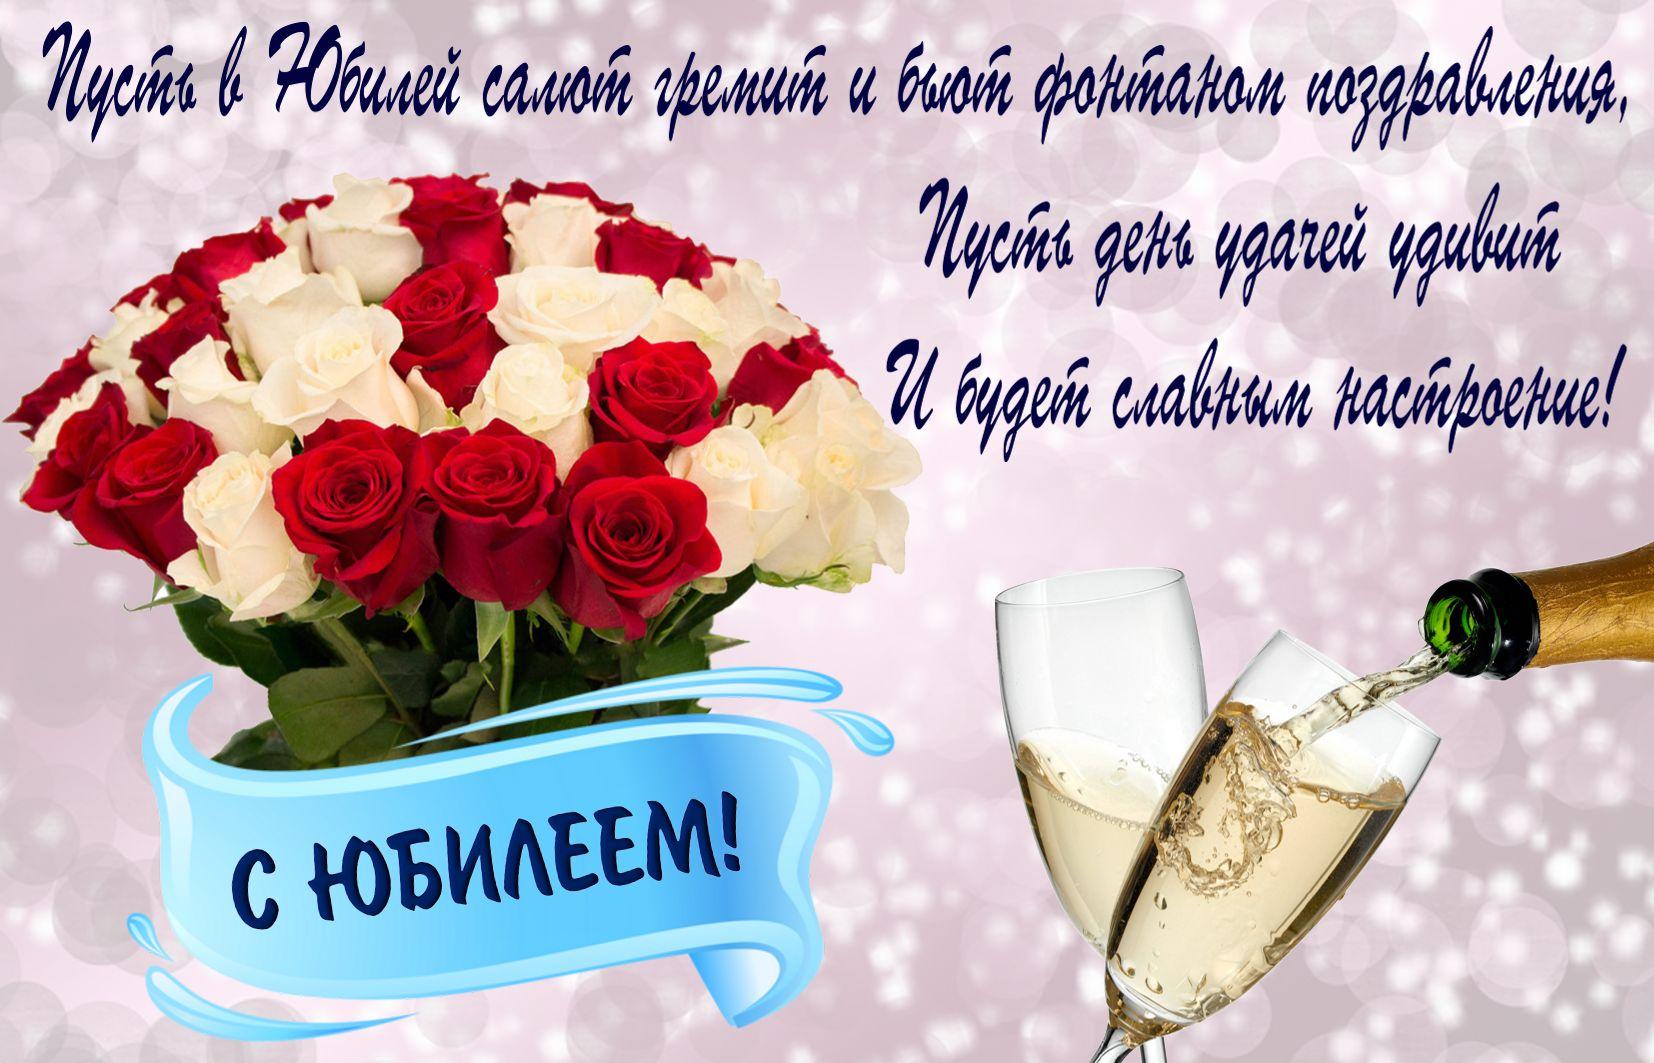 Открытка - букет красно-белых роз женщине к юбилею